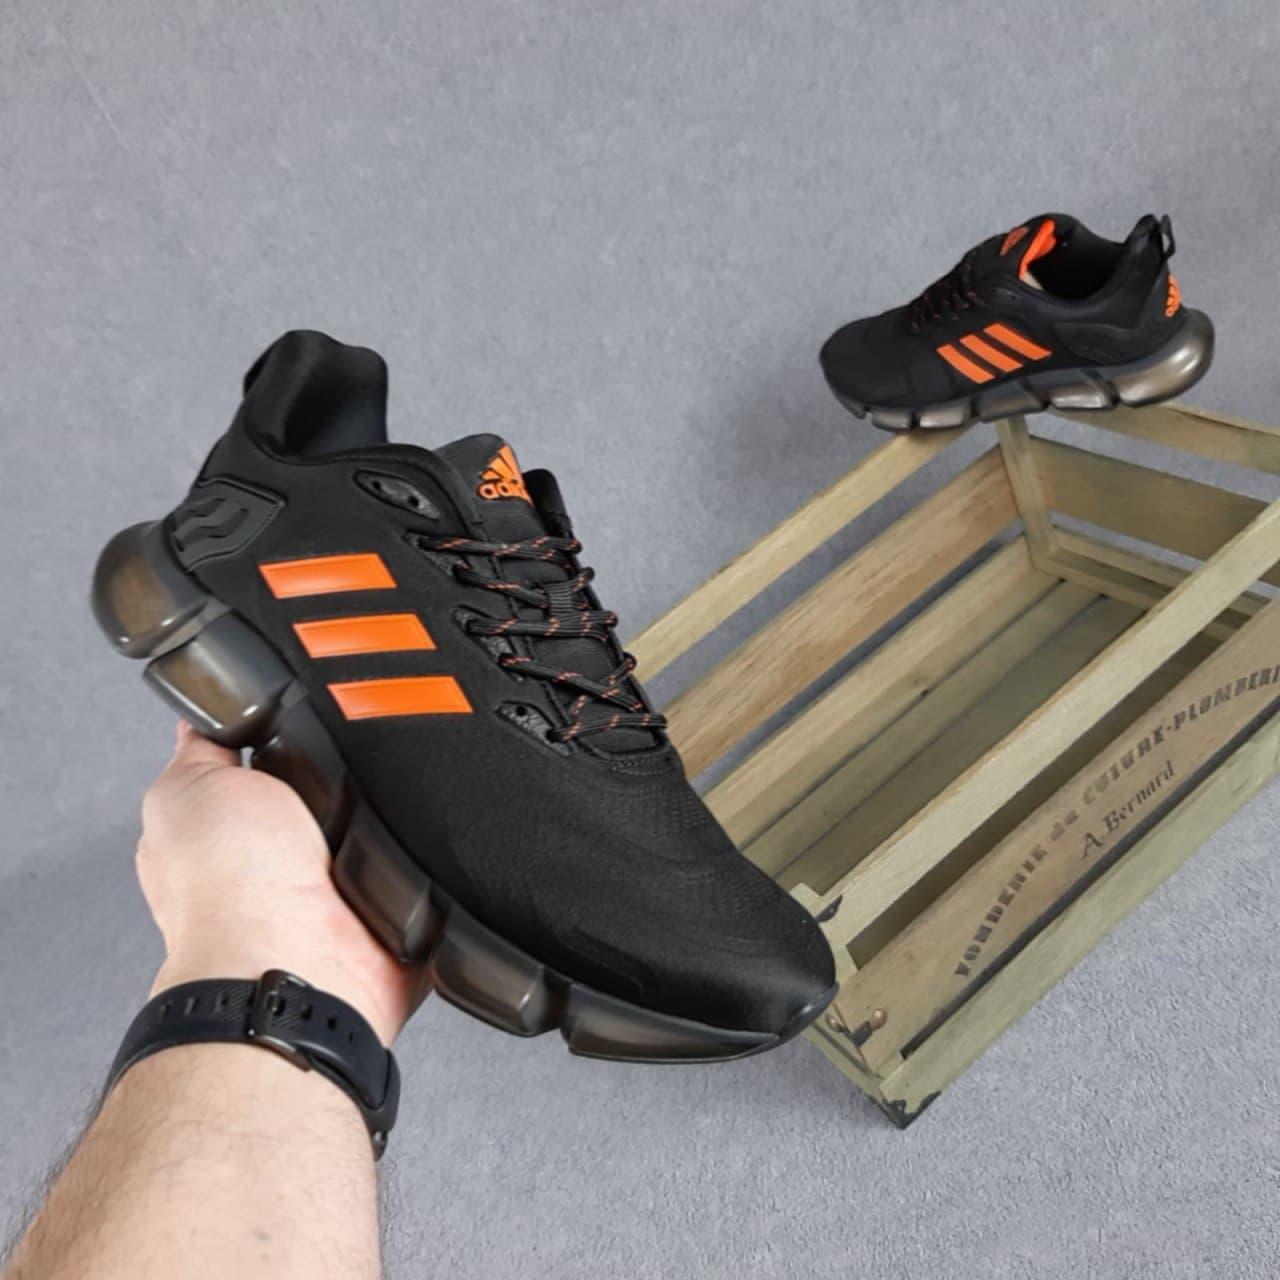 Мужские кроссовки Adidas Vento (черные с оранжевым) O10416 модная демисезонная обувь